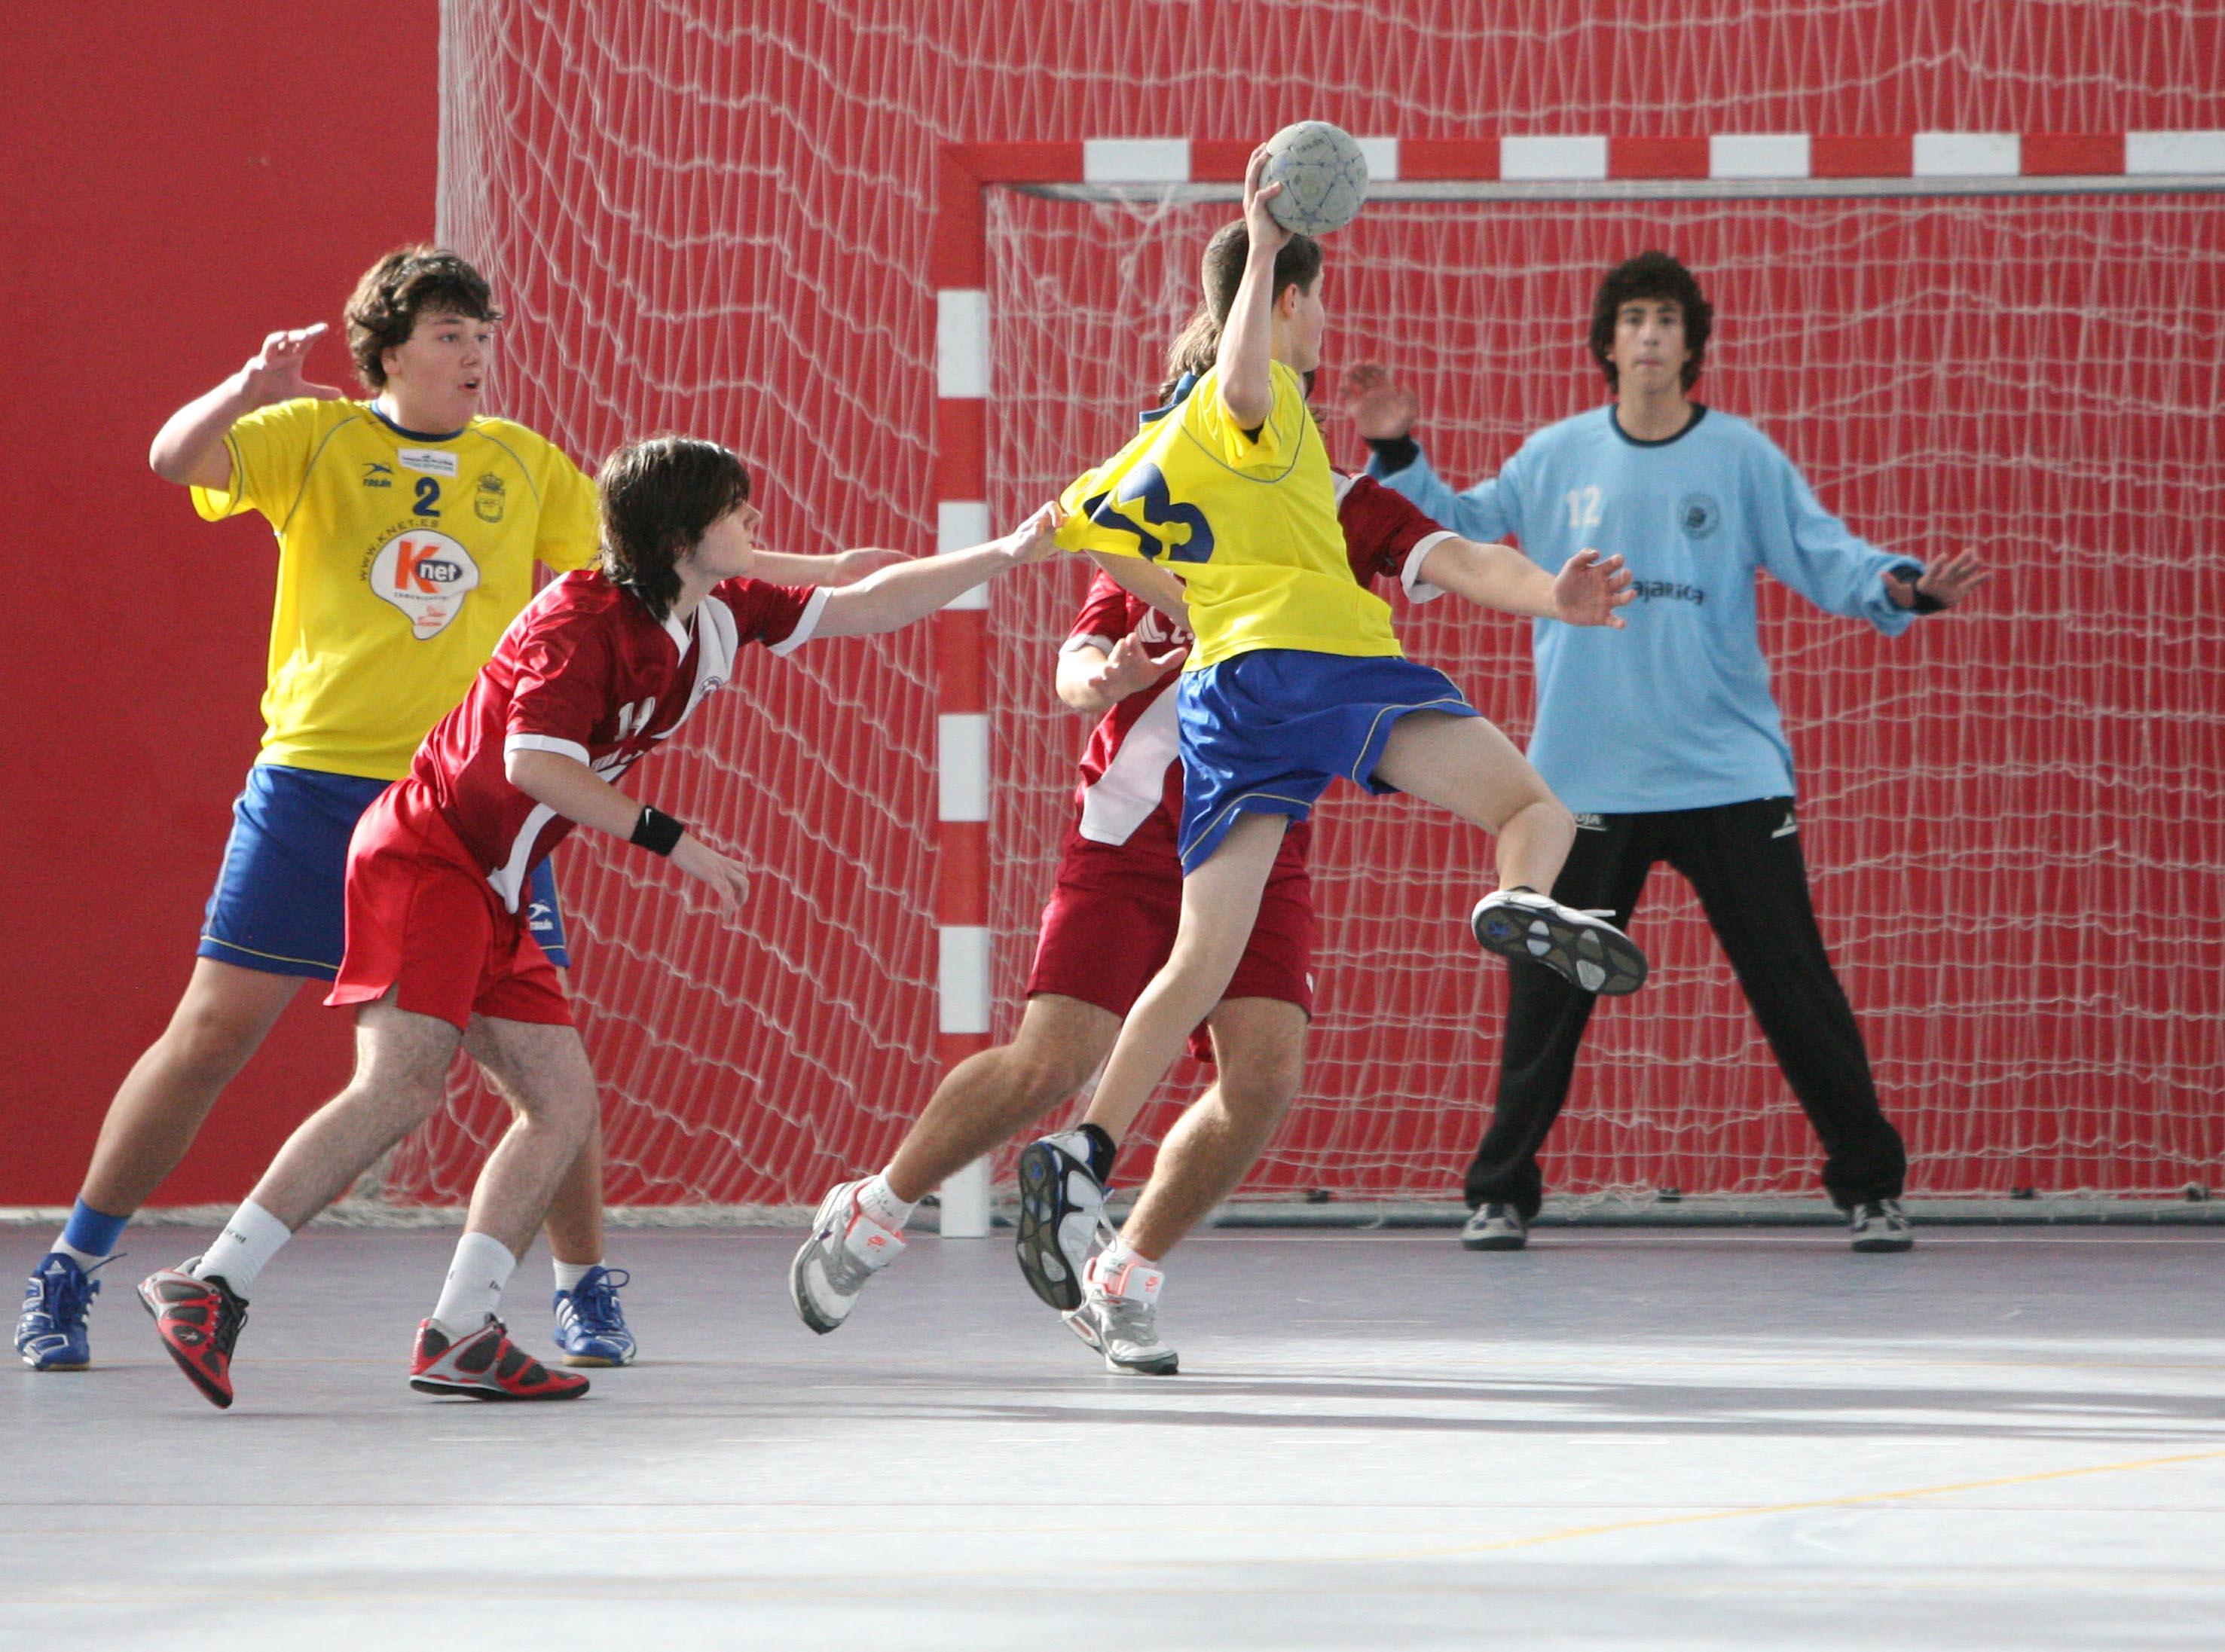 Federacion gallega de balonmano fotos 20